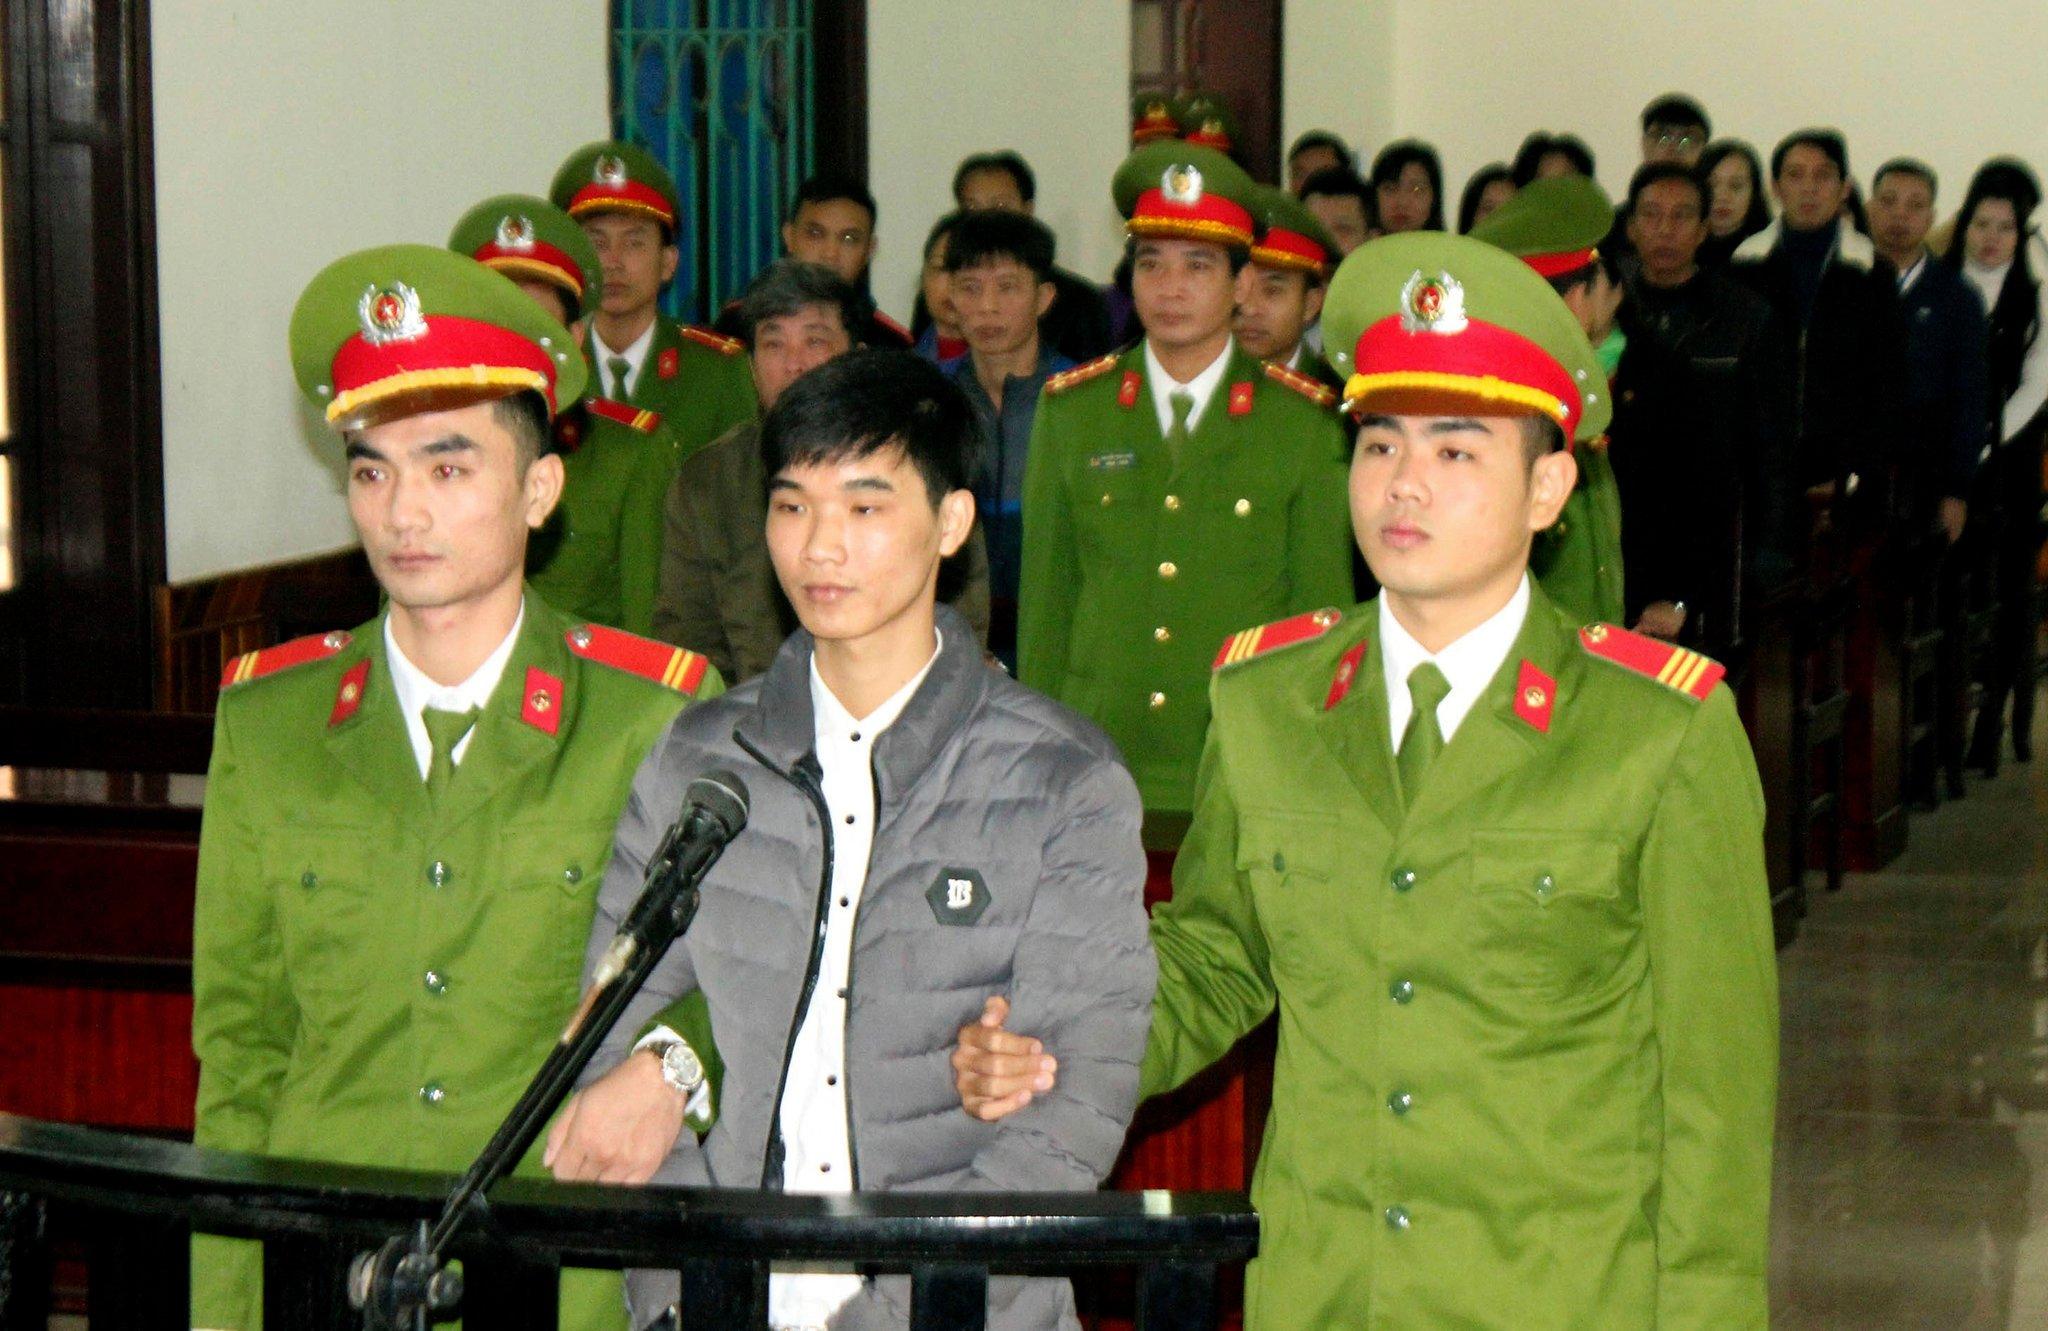 Trường hợp tù nhân lương tâm Nguyễn Văn Hóa lên tới Liên Hiệp Quốc